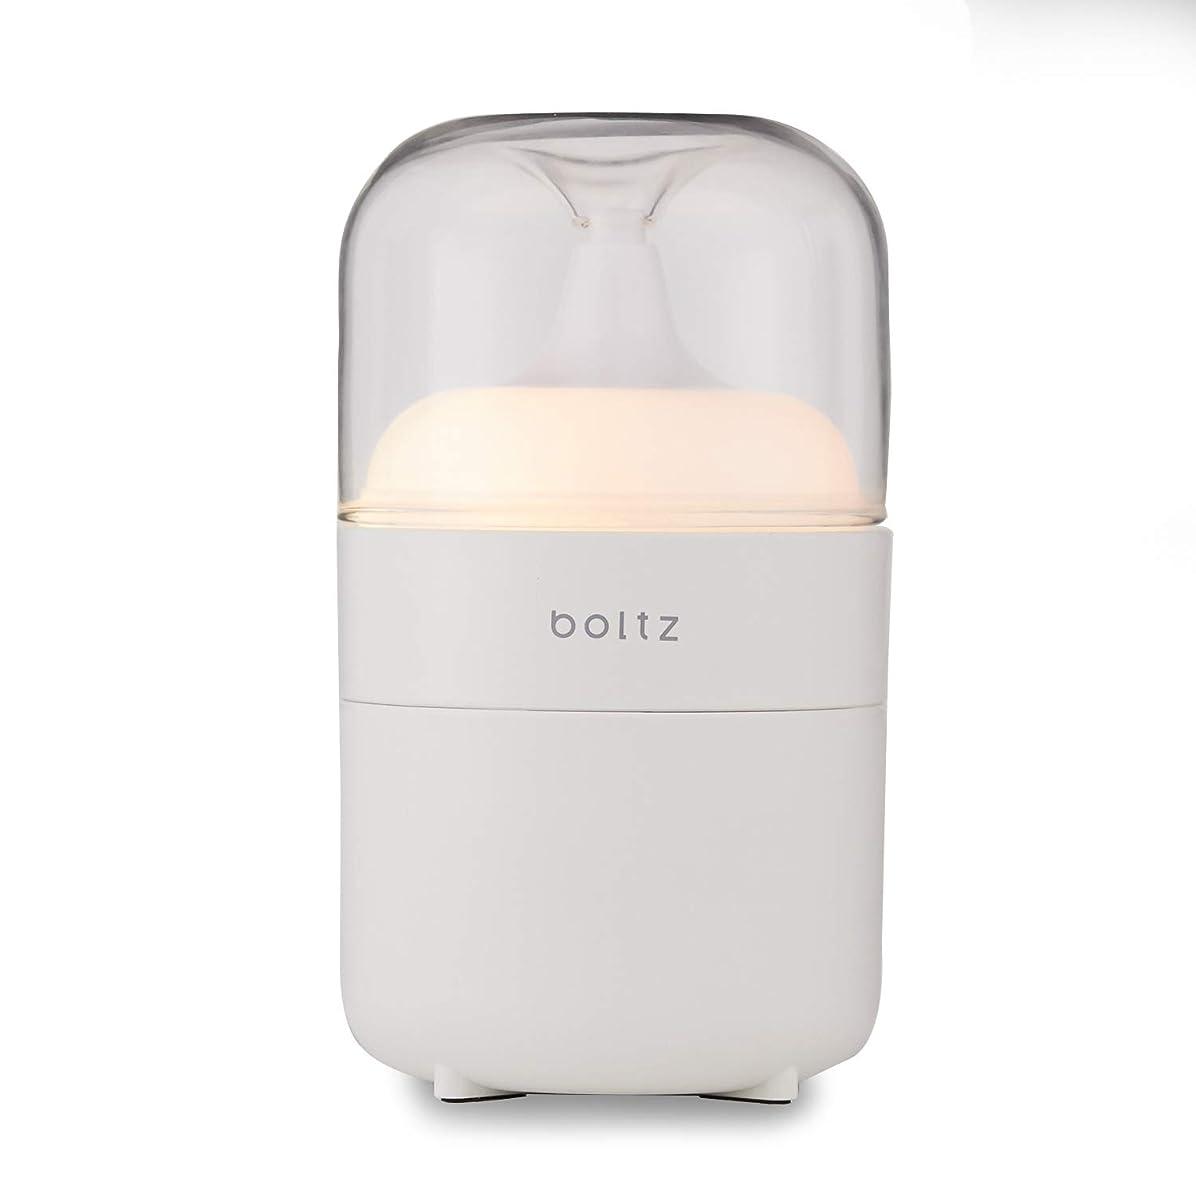 確執追放関係ないLOWYA(ロウヤ) boltz アロマディフューザー ネプライザー式 アロマオイル対応 間接照明 おしゃれ USB対応